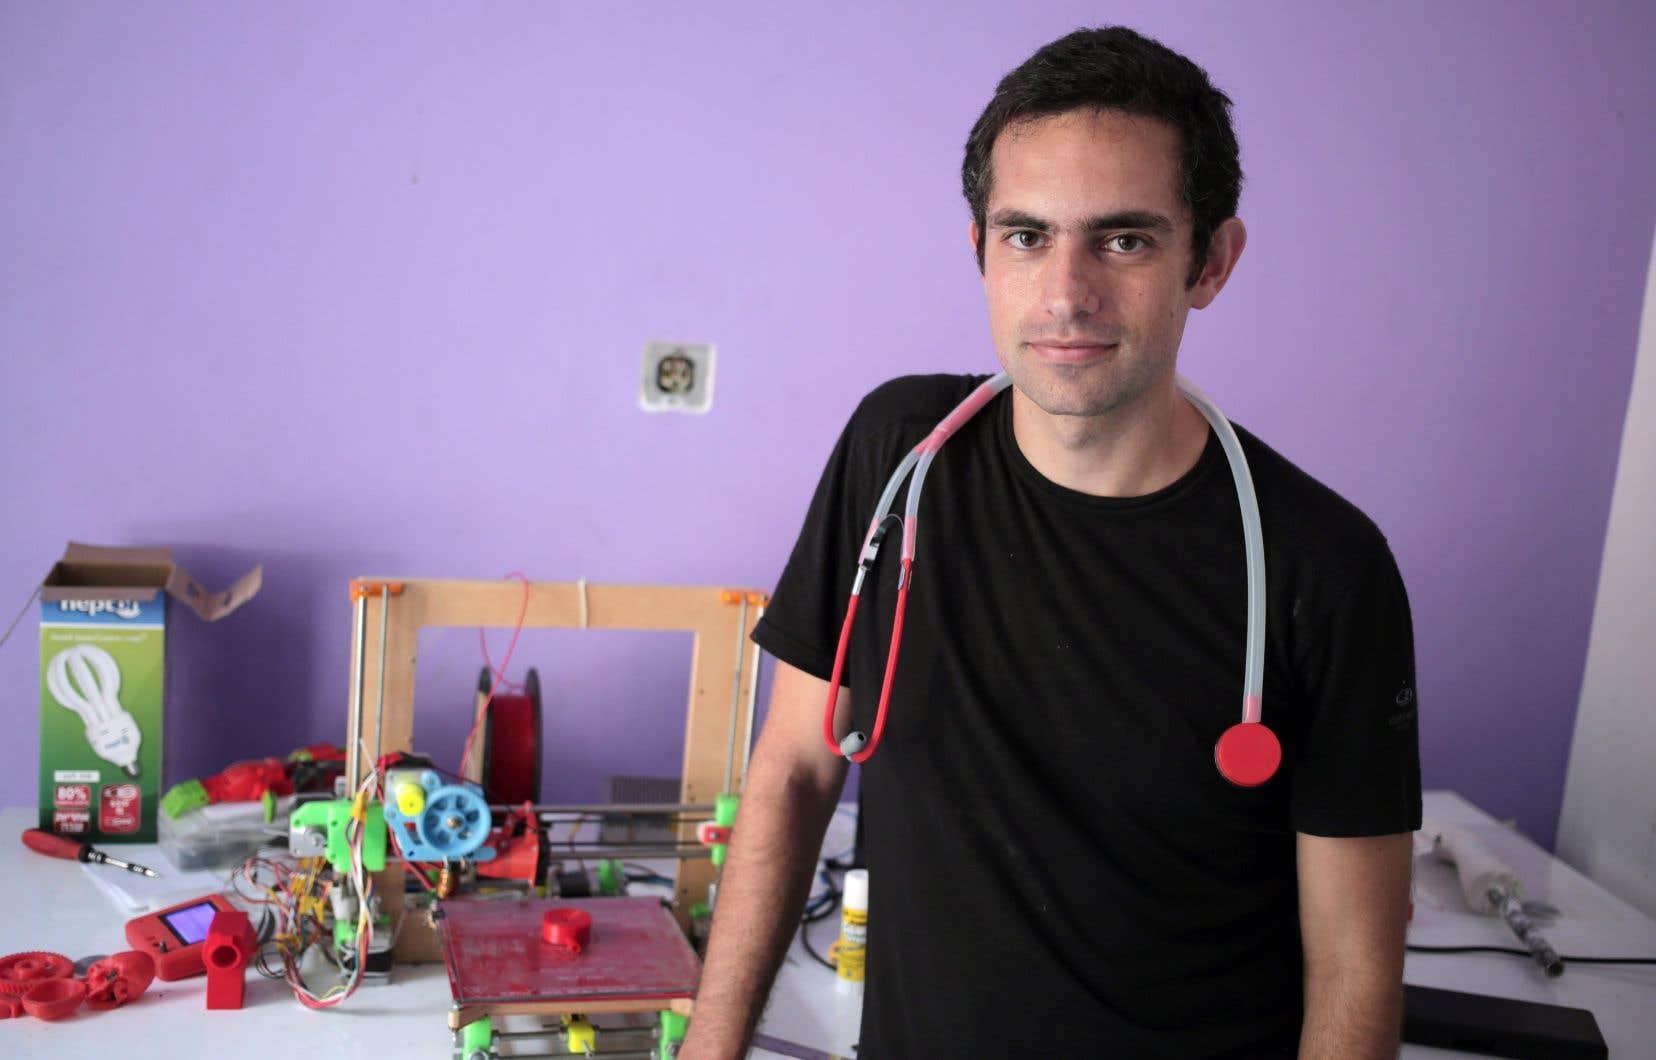 Le Dr Loubani en 2015 à Gaza. Spécialiste de l'impression 3D d'équipement médical, il porte à son cou un stéthoscope de sa fabrication. M. Loubani aurait été blessé par un tireur d'élite israélien.